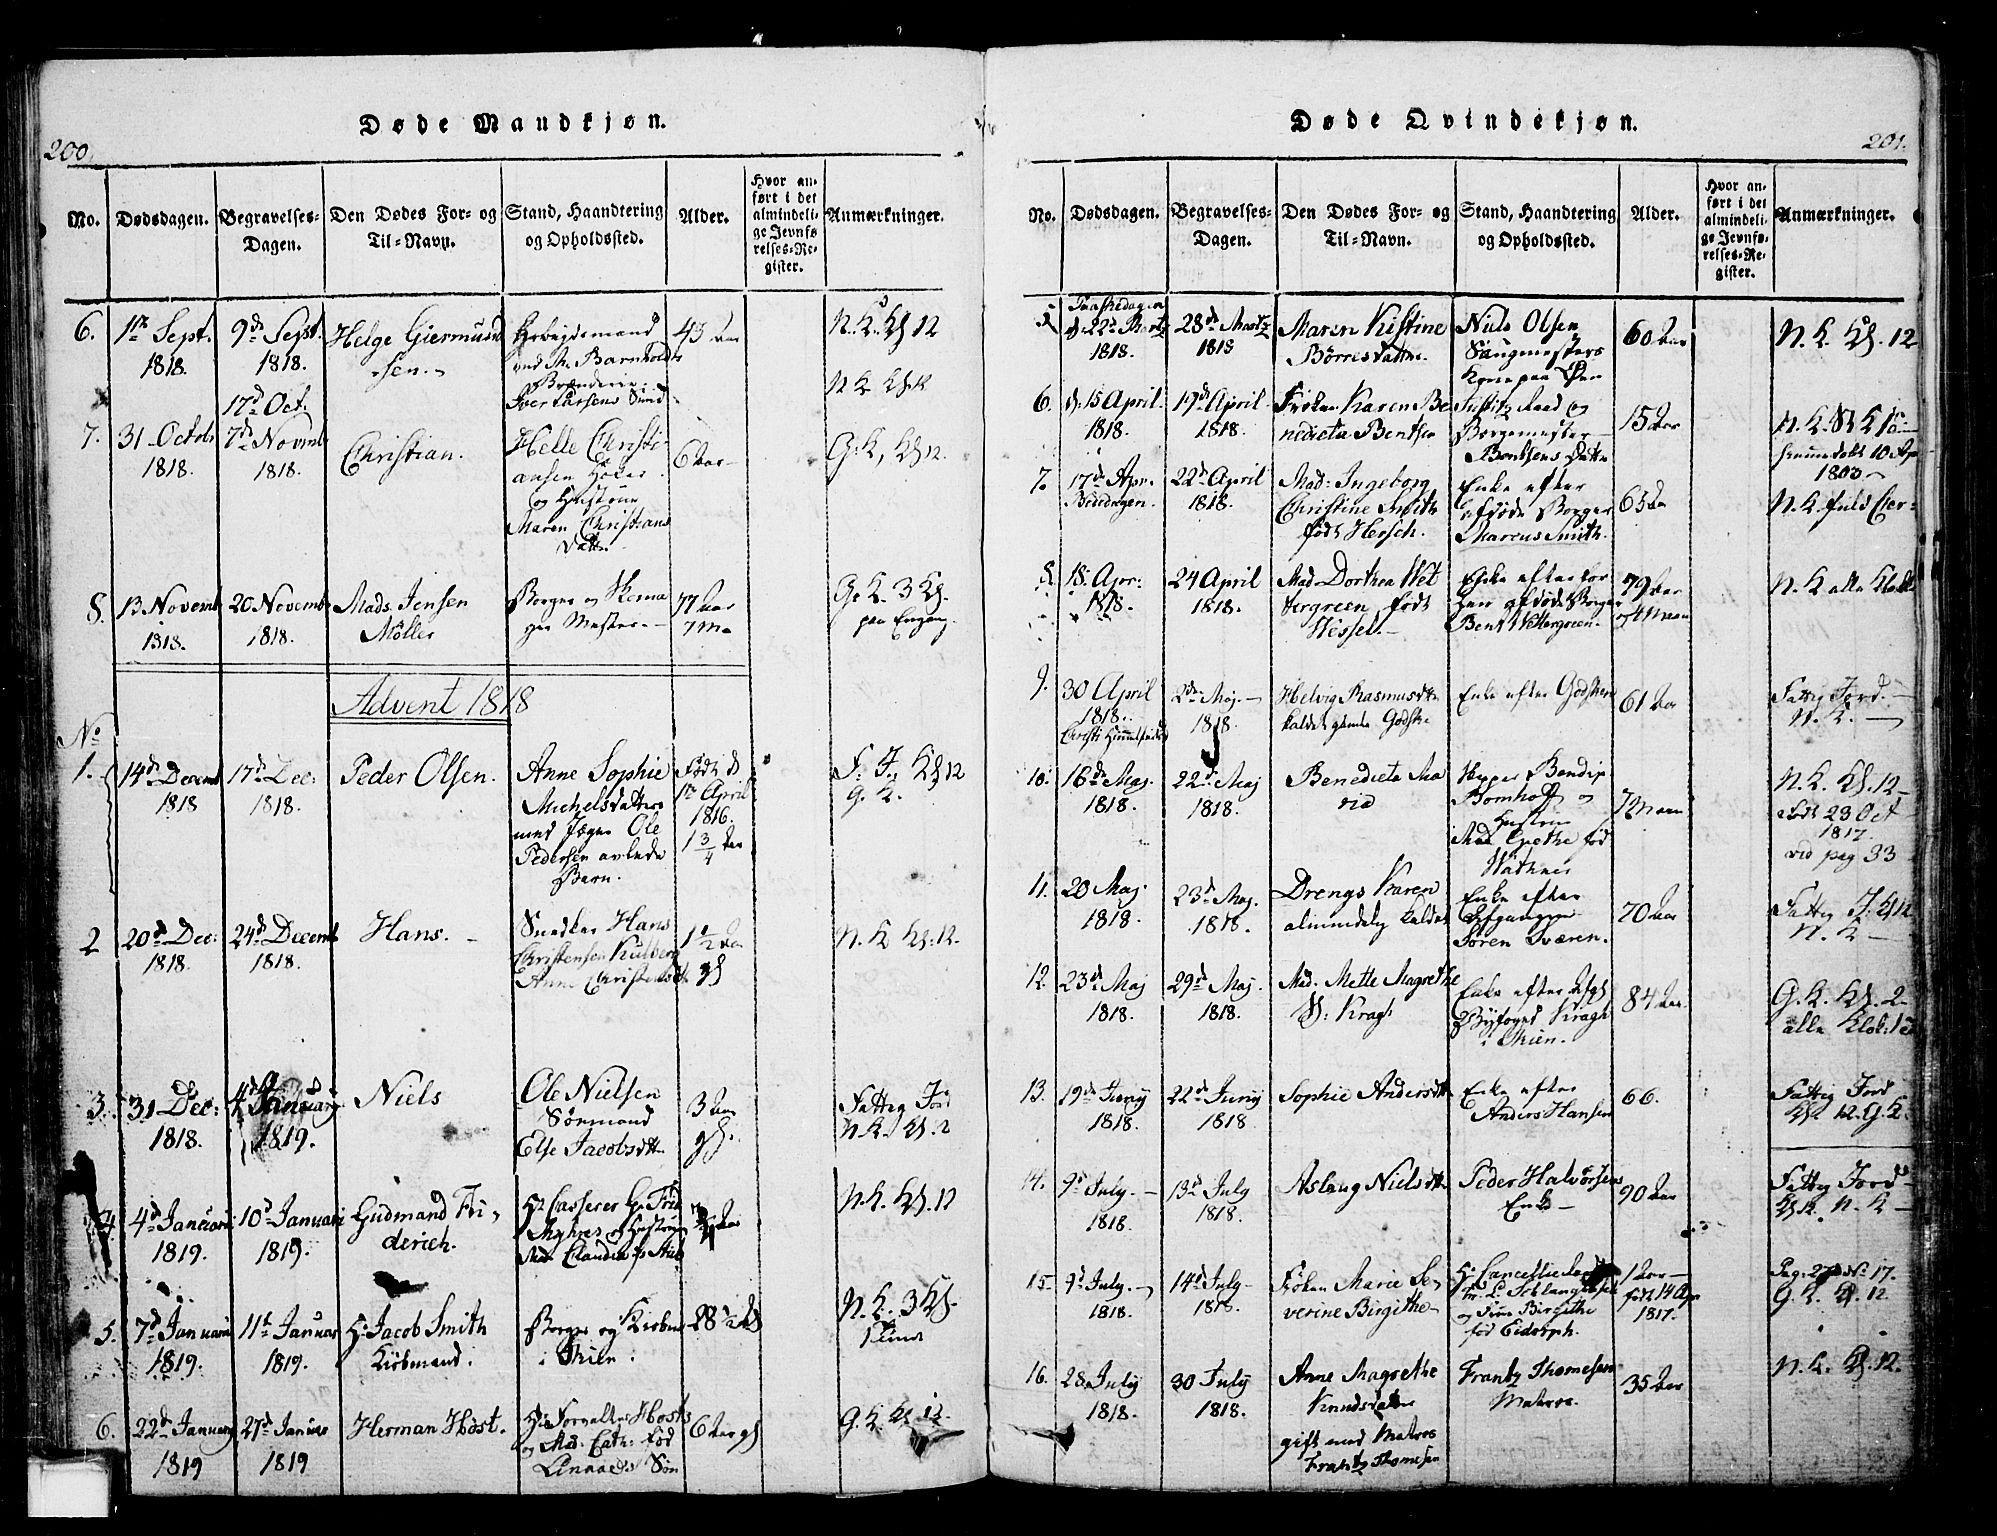 SAKO, Skien kirkebøker, G/Ga/L0002: Klokkerbok nr. 2, 1814-1842, s. 200-201